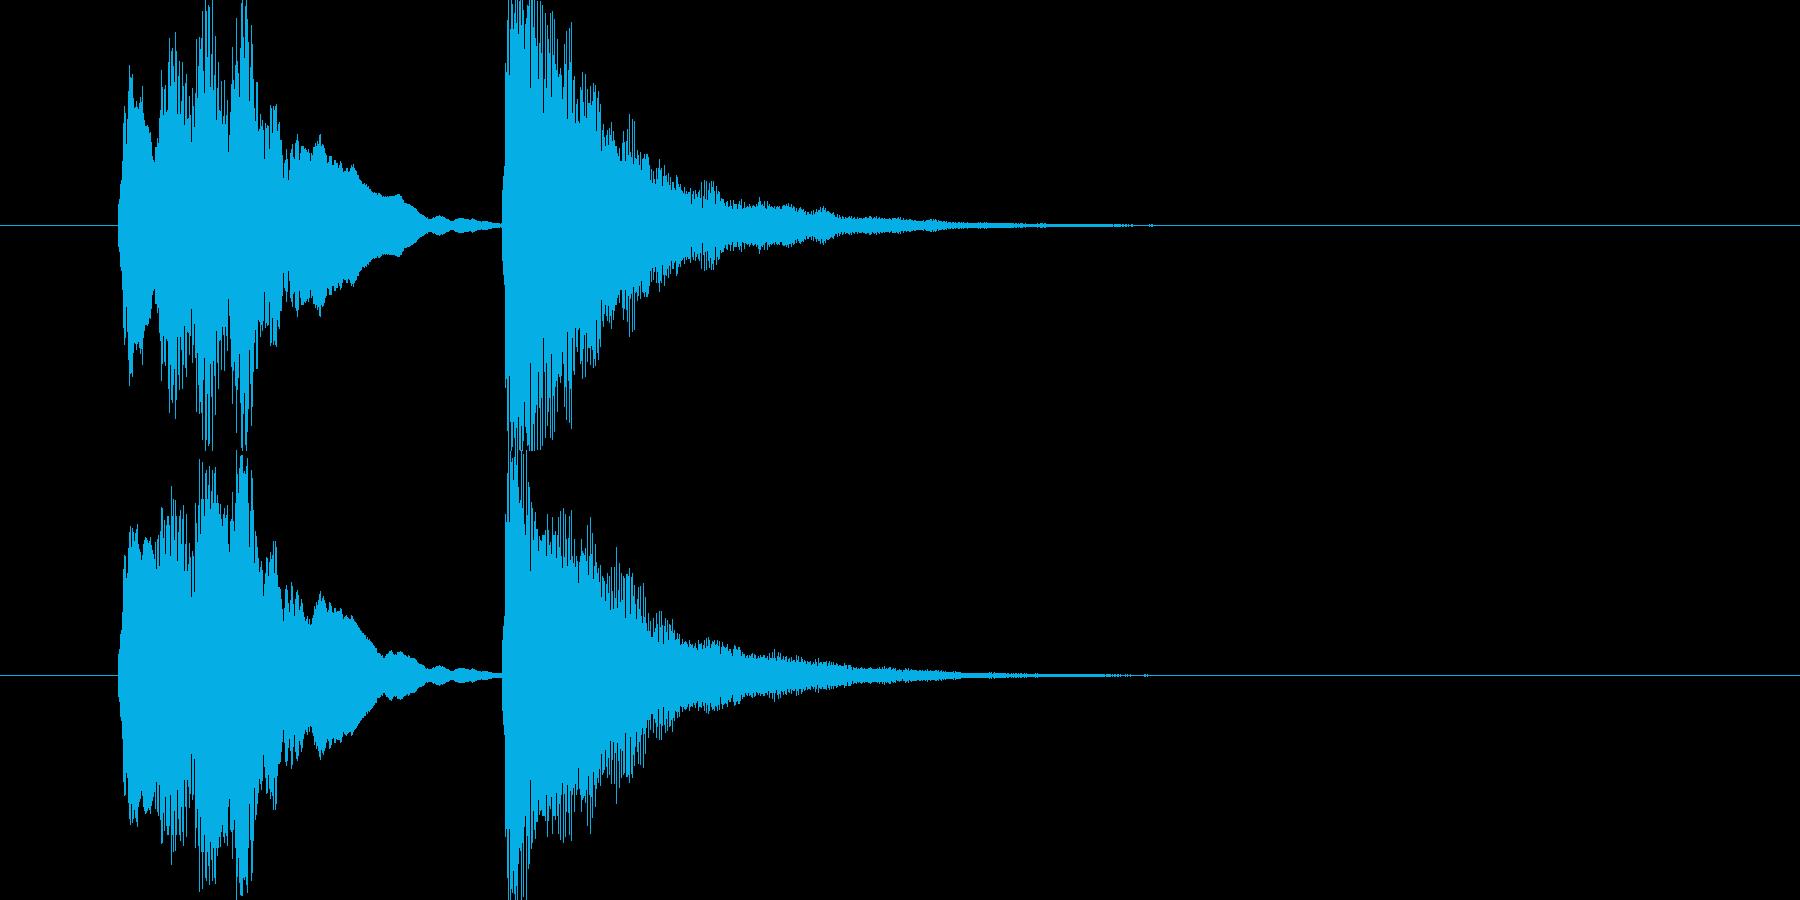 完結時・レベルアップなどに最適な管楽器音の再生済みの波形